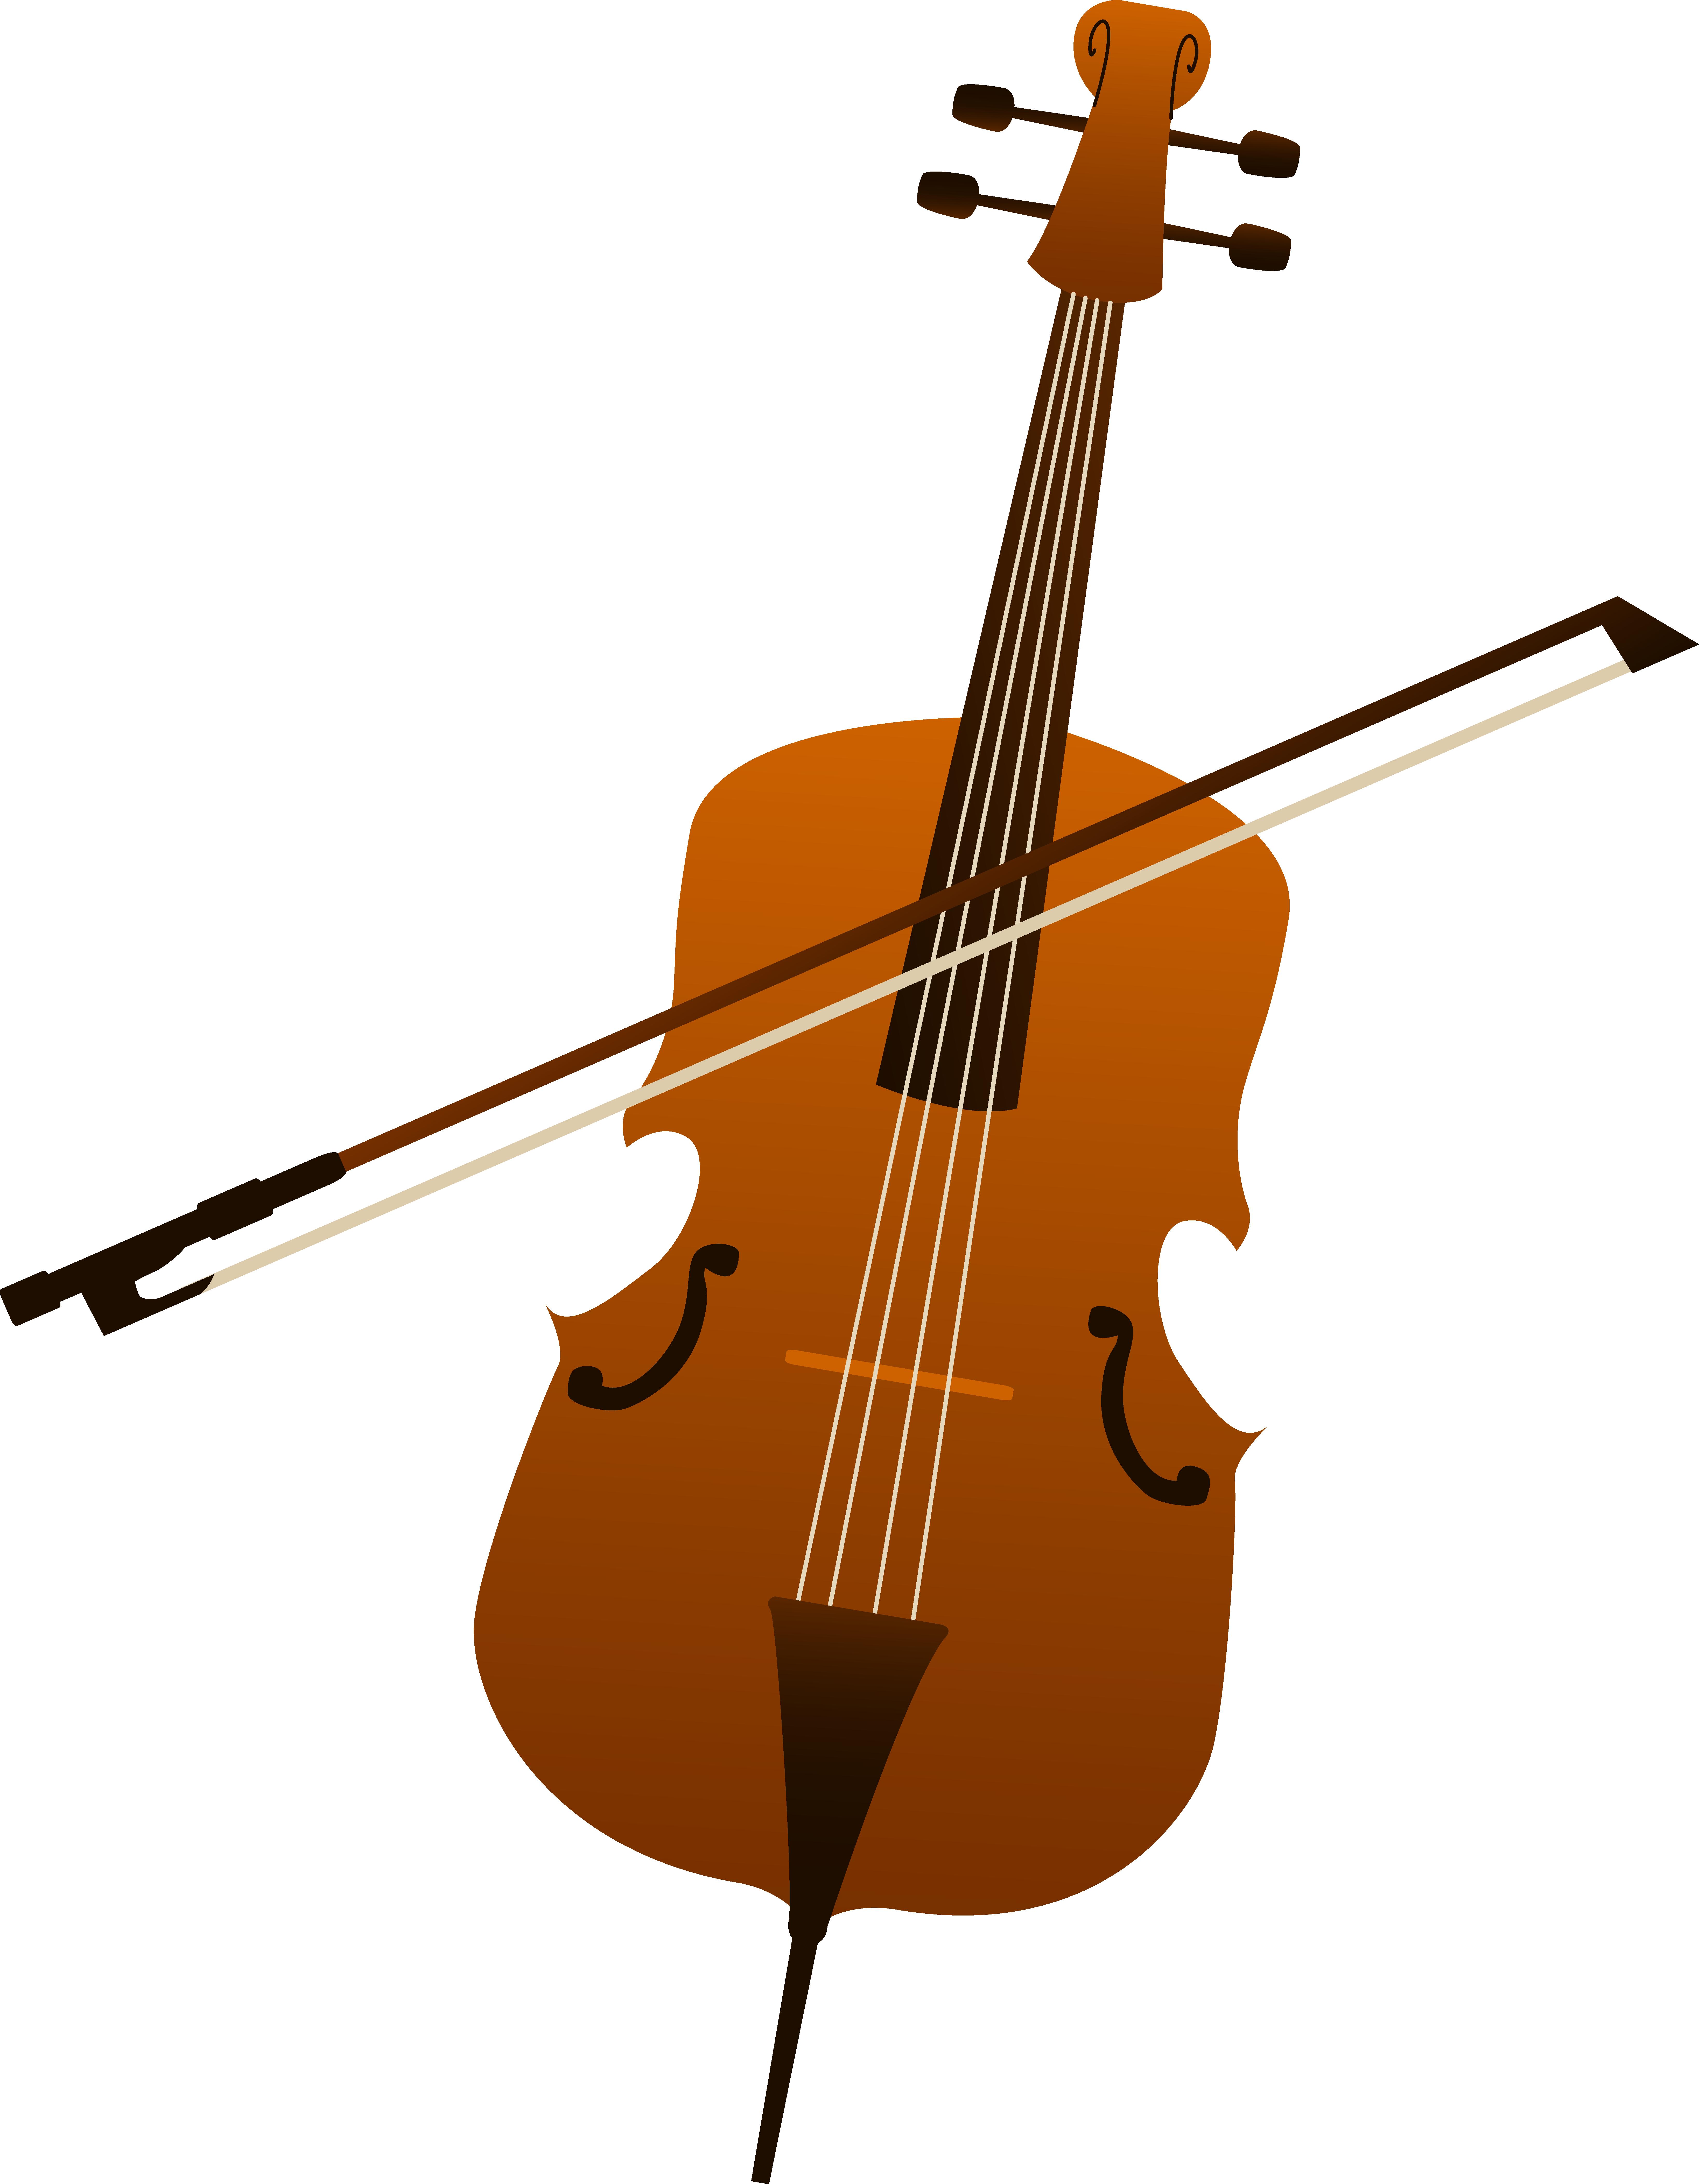 violin silhouette clip art at getdrawings com free for personal rh getdrawings com violin clip art for kids violin clip art for kids